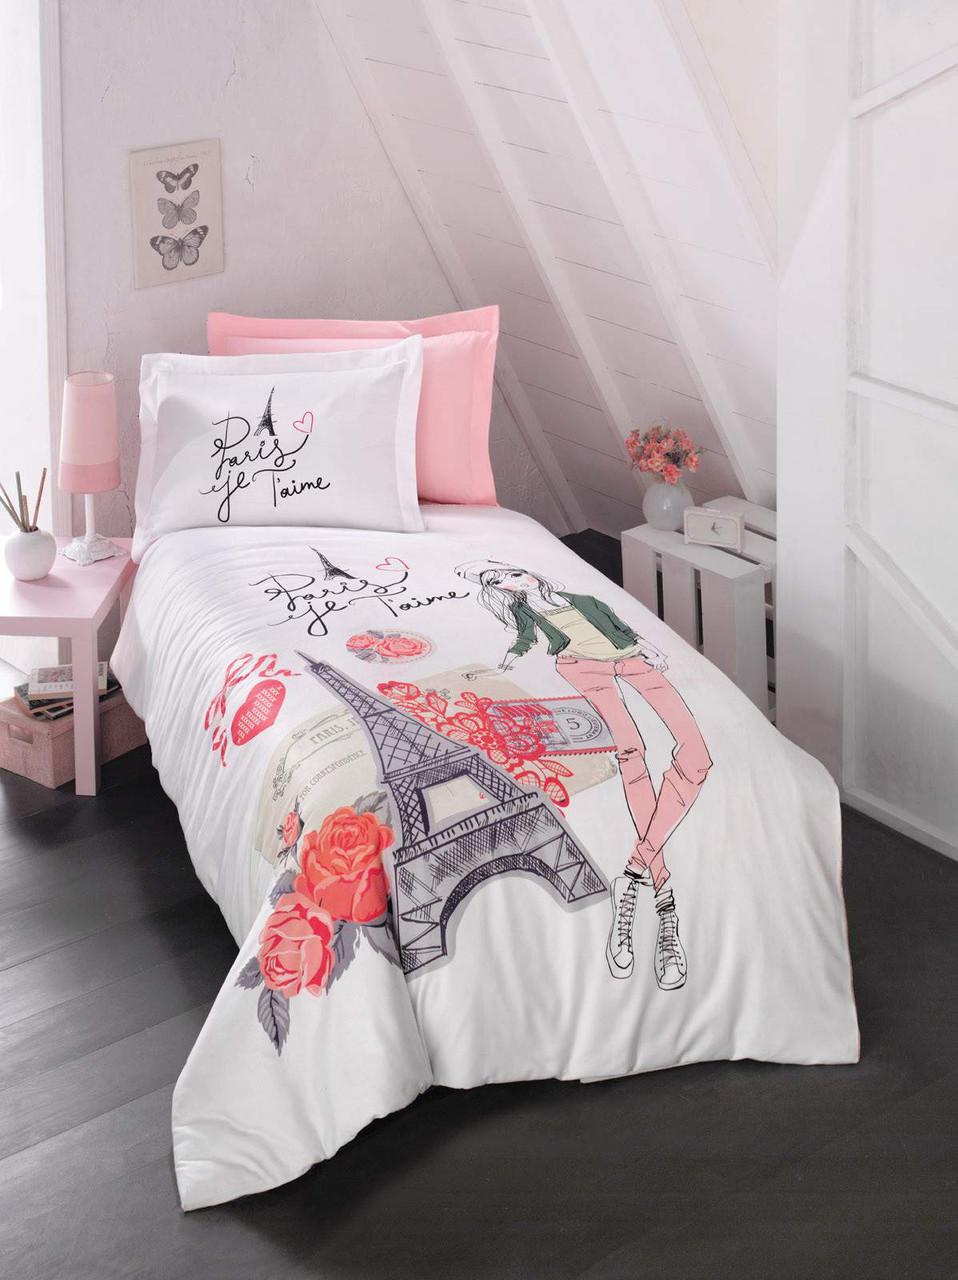 Подростковый постельный комплект Amour, Luoca Patisca